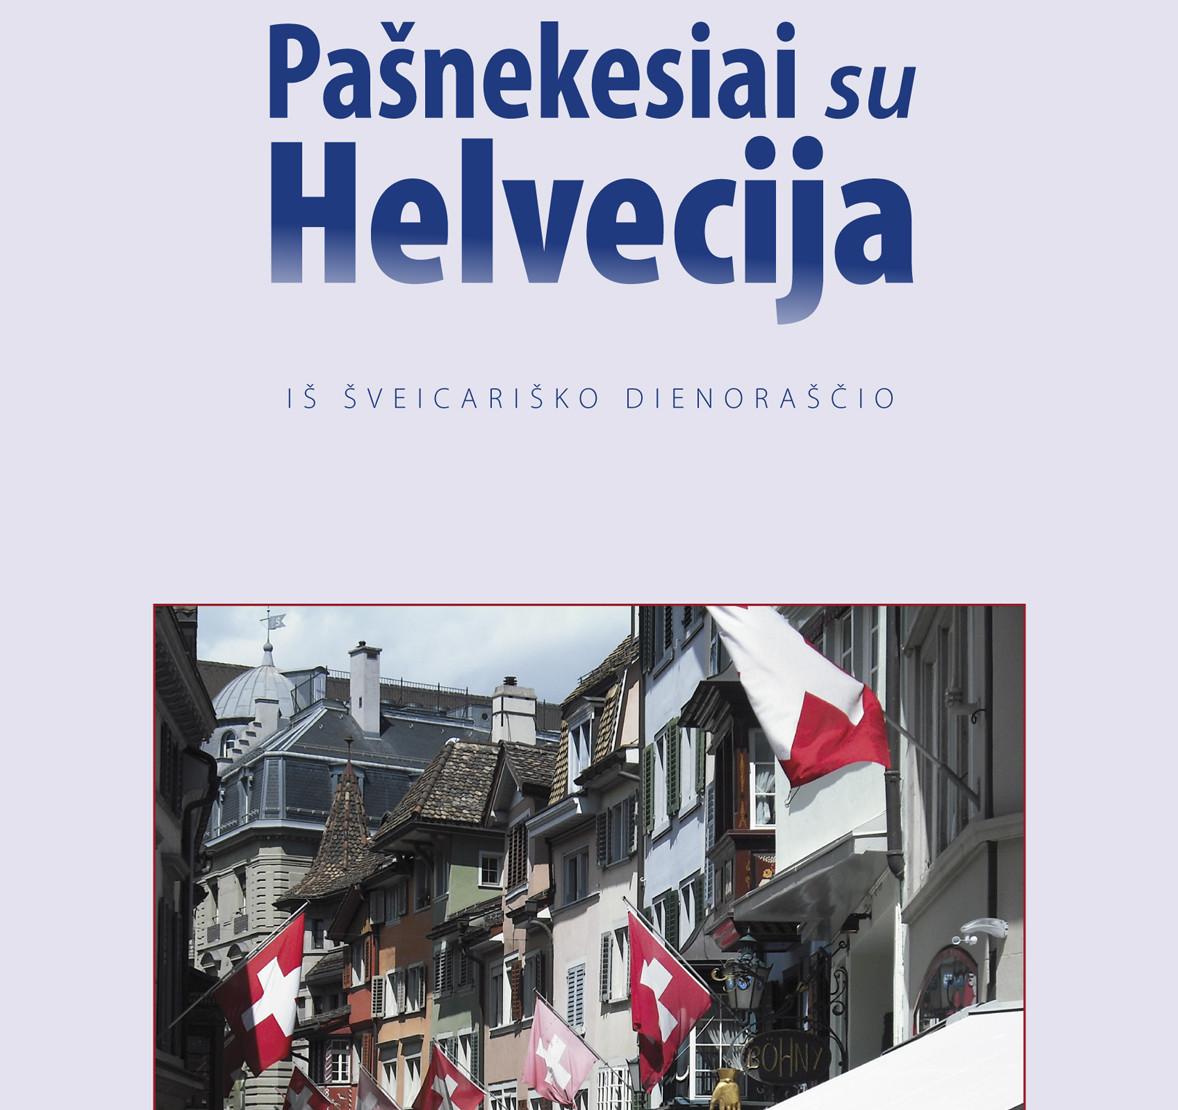 """J.Survilaitės knygos """"Pašnekesiai su Helvecija"""" viršelio dalis"""